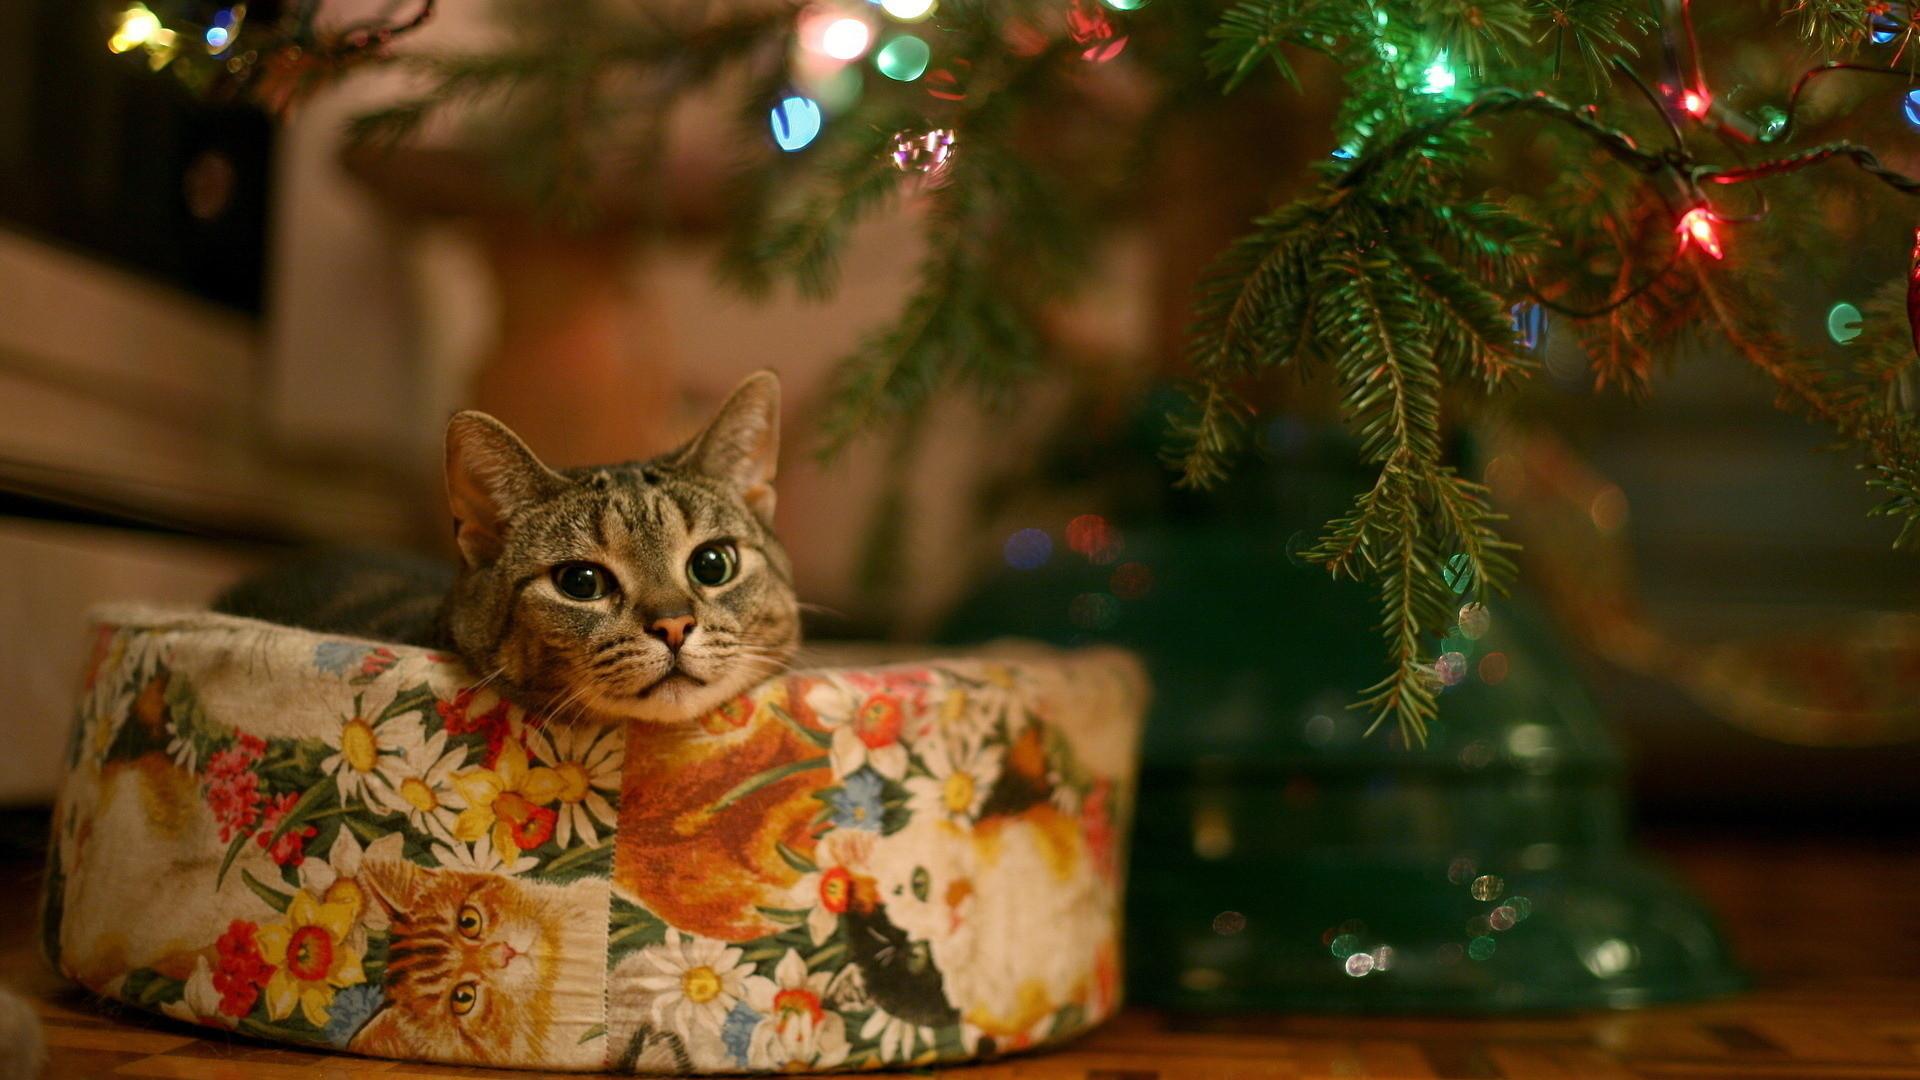 Cute christmas cat, Full HD, 1080p, wallpaper, 1920×1080